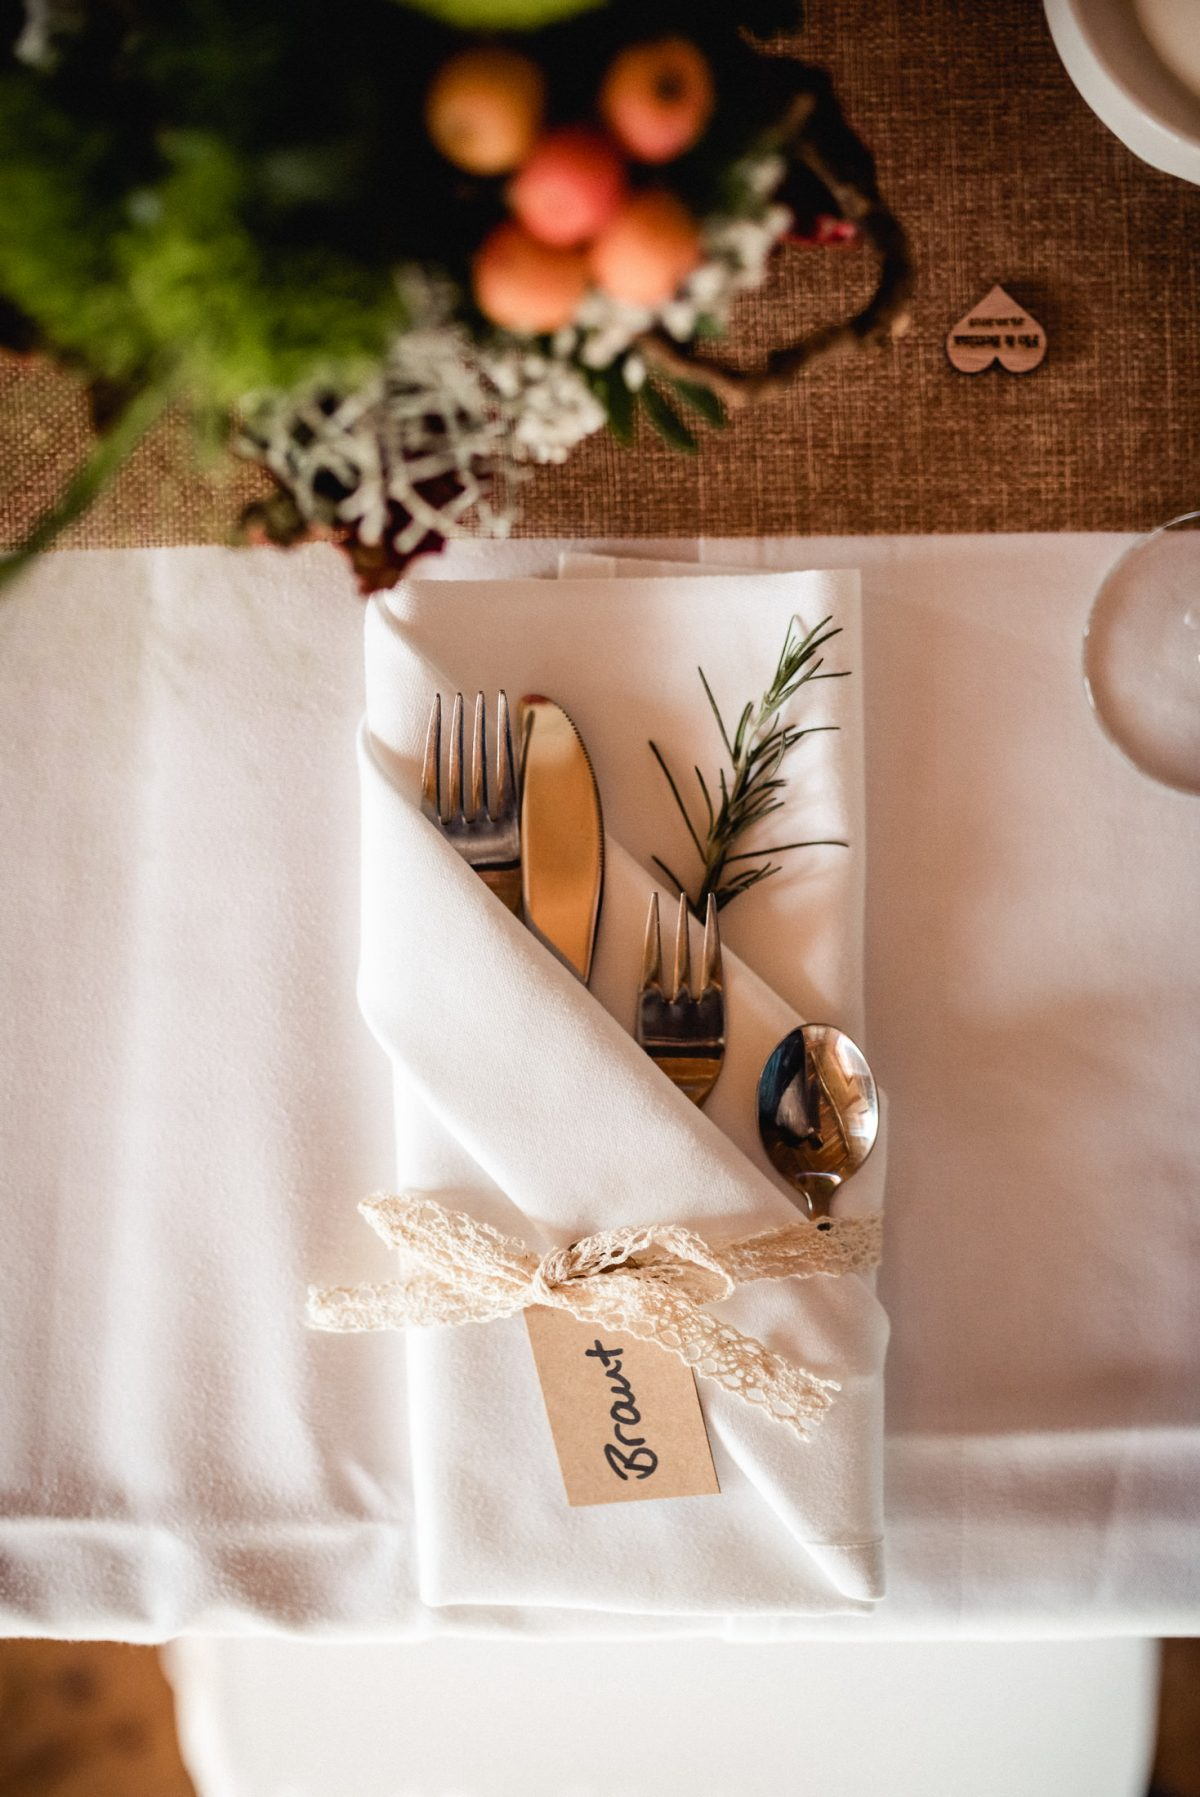 Besteck Rosmarin Dekoration Tische Essen Stoff Spitze Blumen Herze